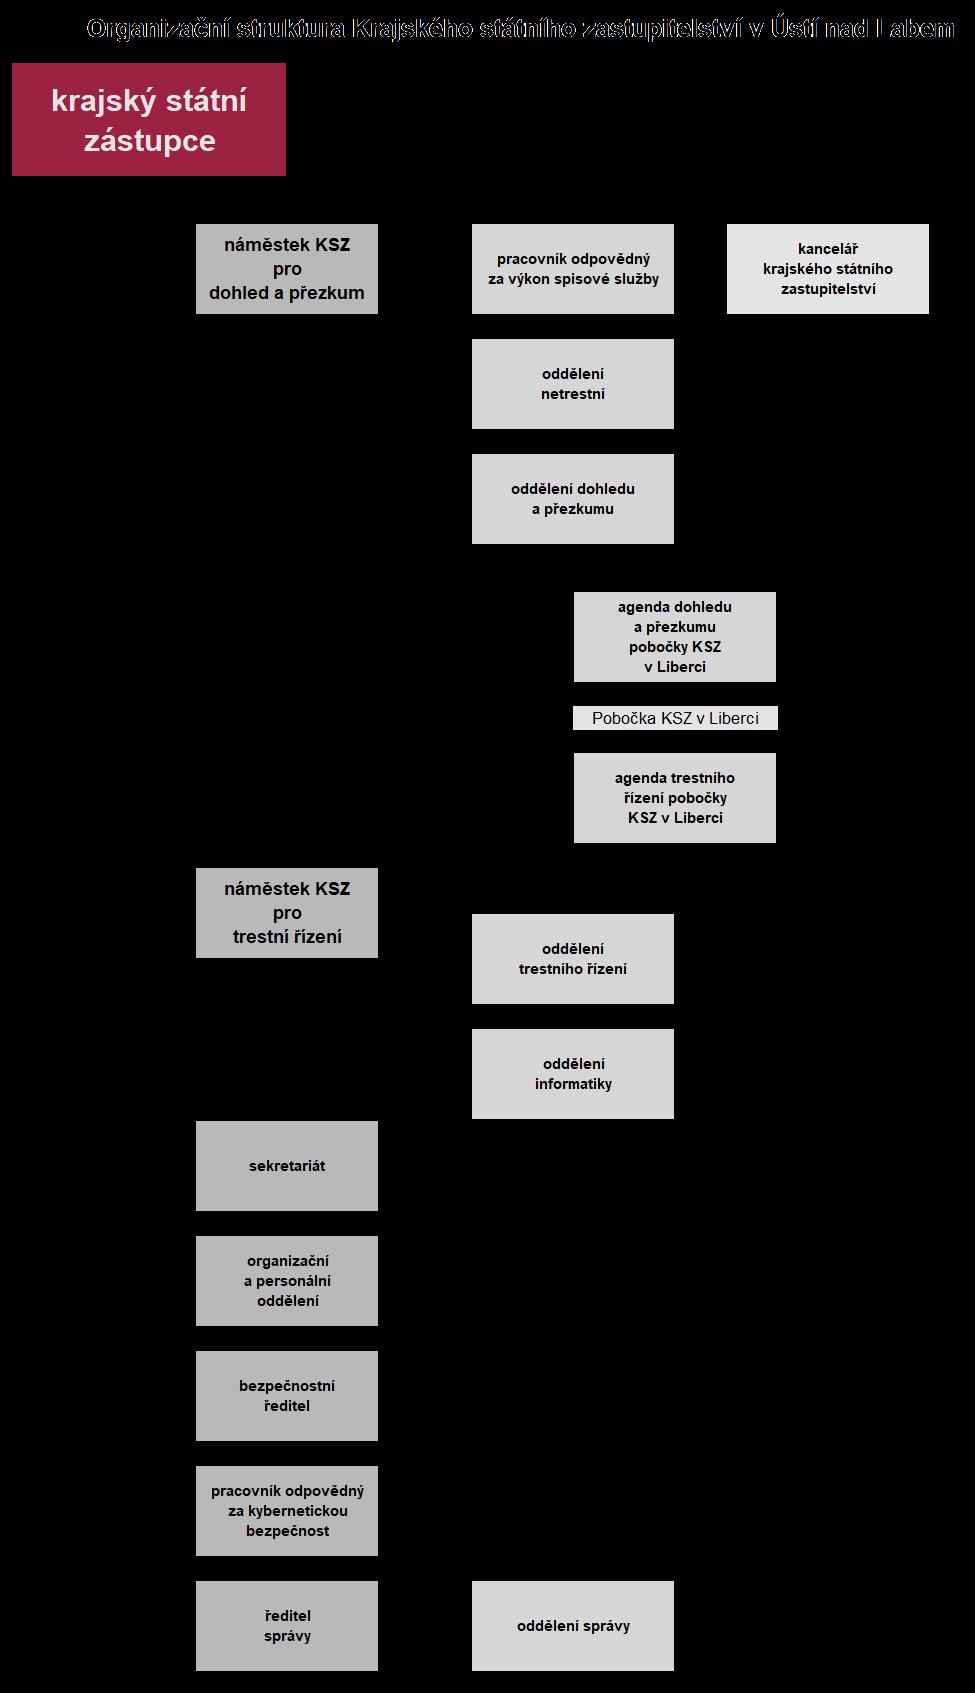 Organizační struktura Krajského státního zastupitelství v Ústí nad Labem